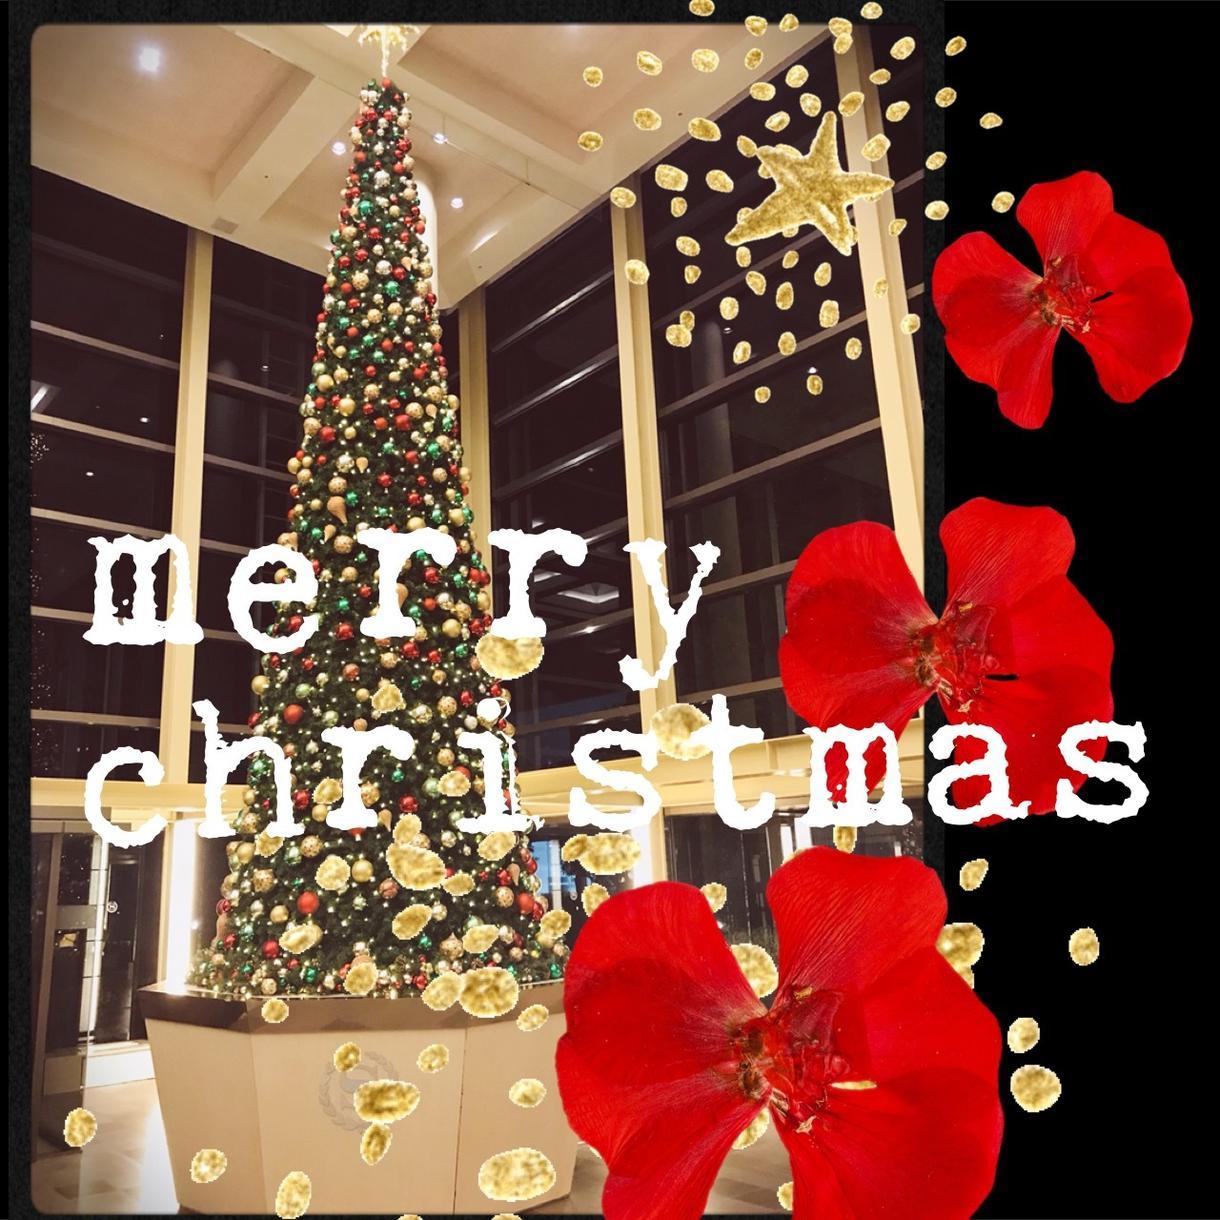 あなただけの!おしゃれなクリスマス画像作ります 写真、画像をコラージュや文字入れしてクリスマス画像作ります*